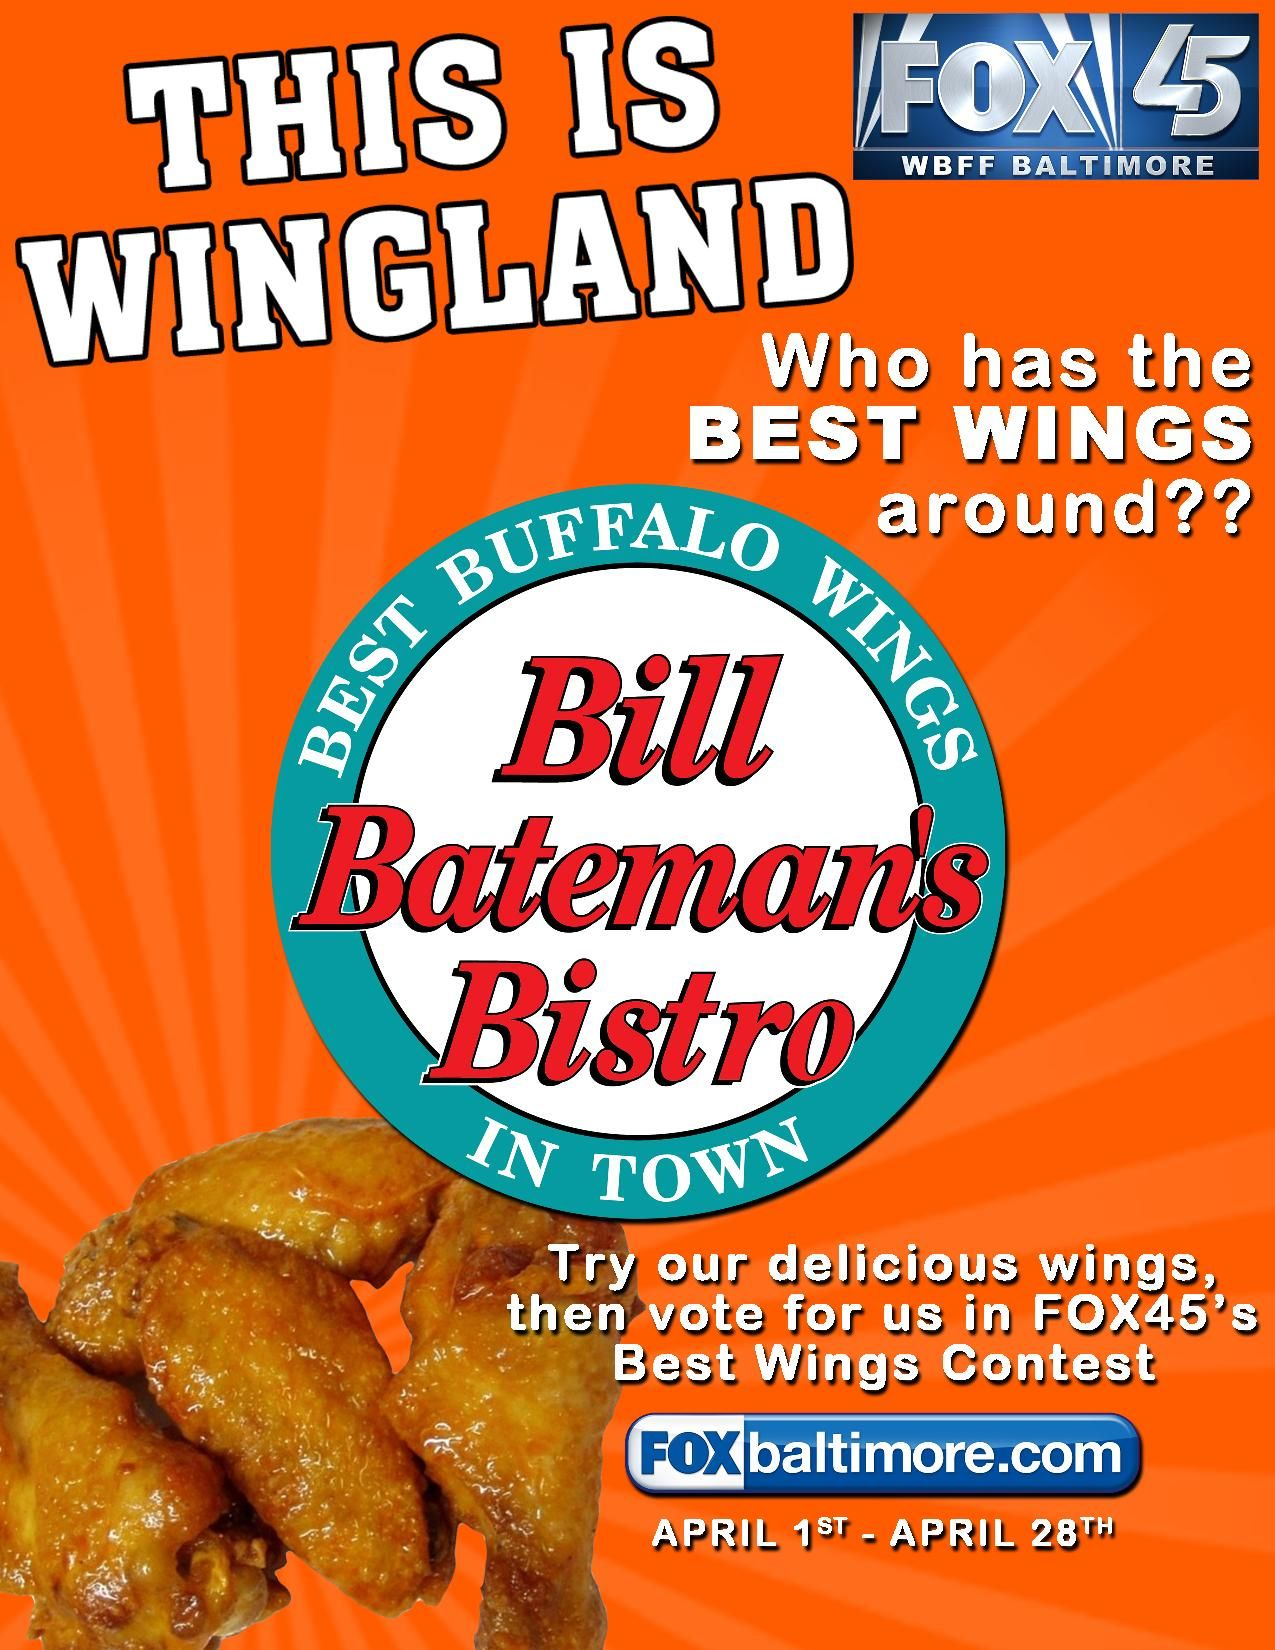 Vote daily for bill batemans bistro for best